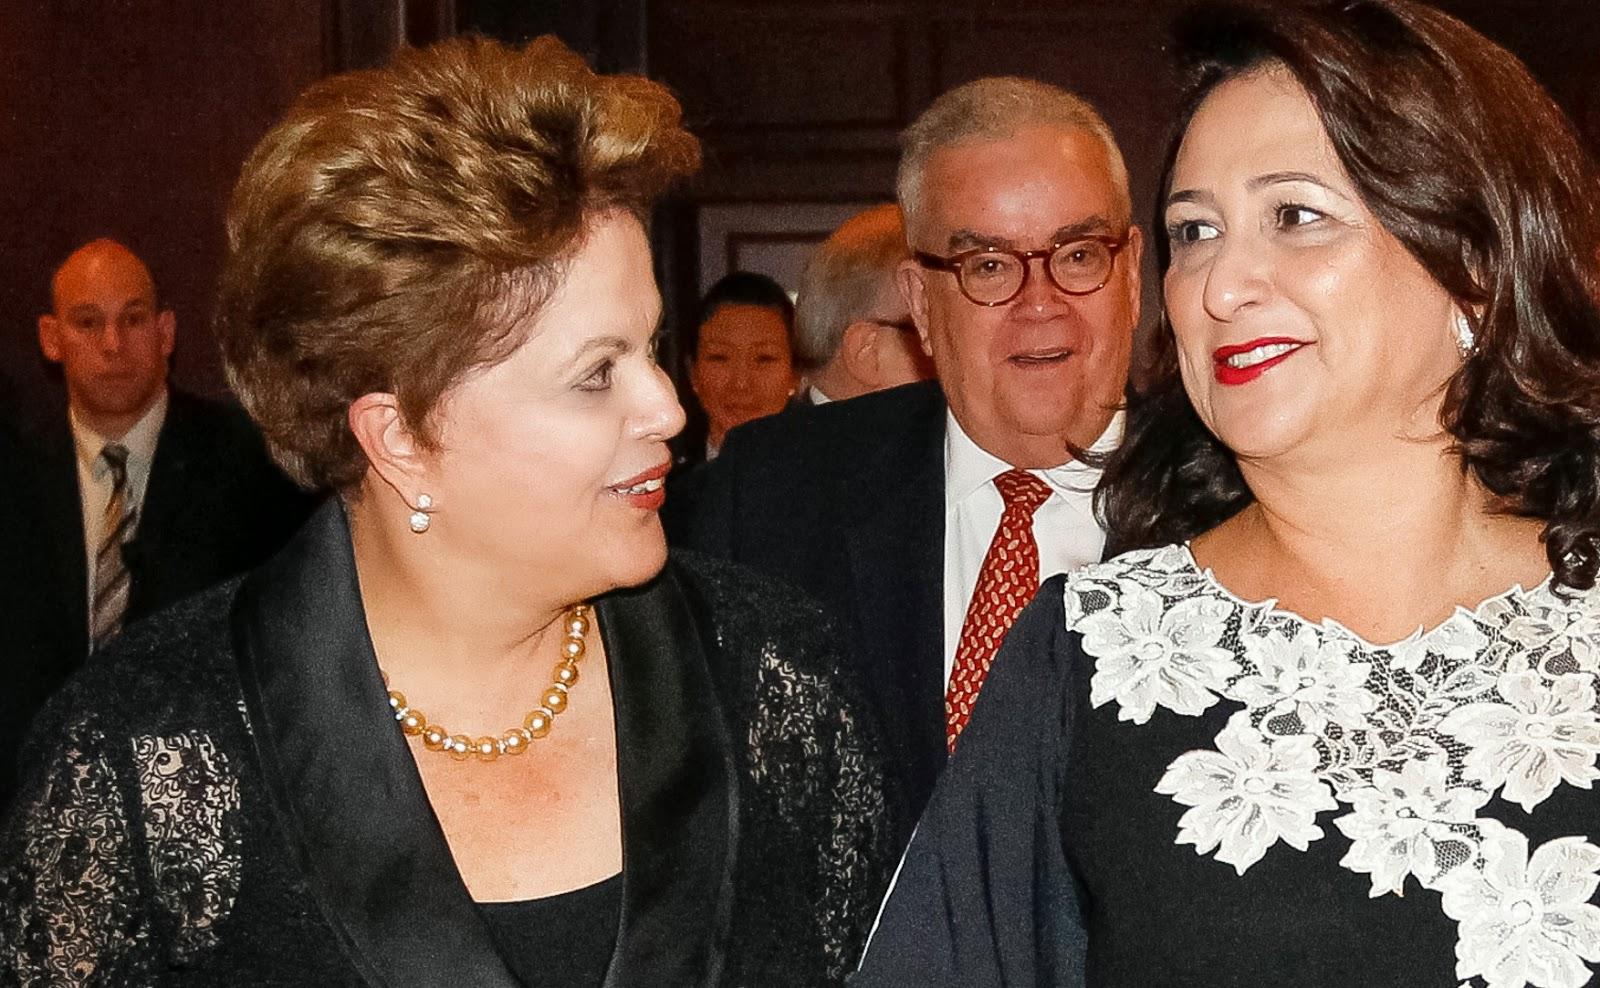 Kátia Abreu & Dilma Rousseff, February 2014.